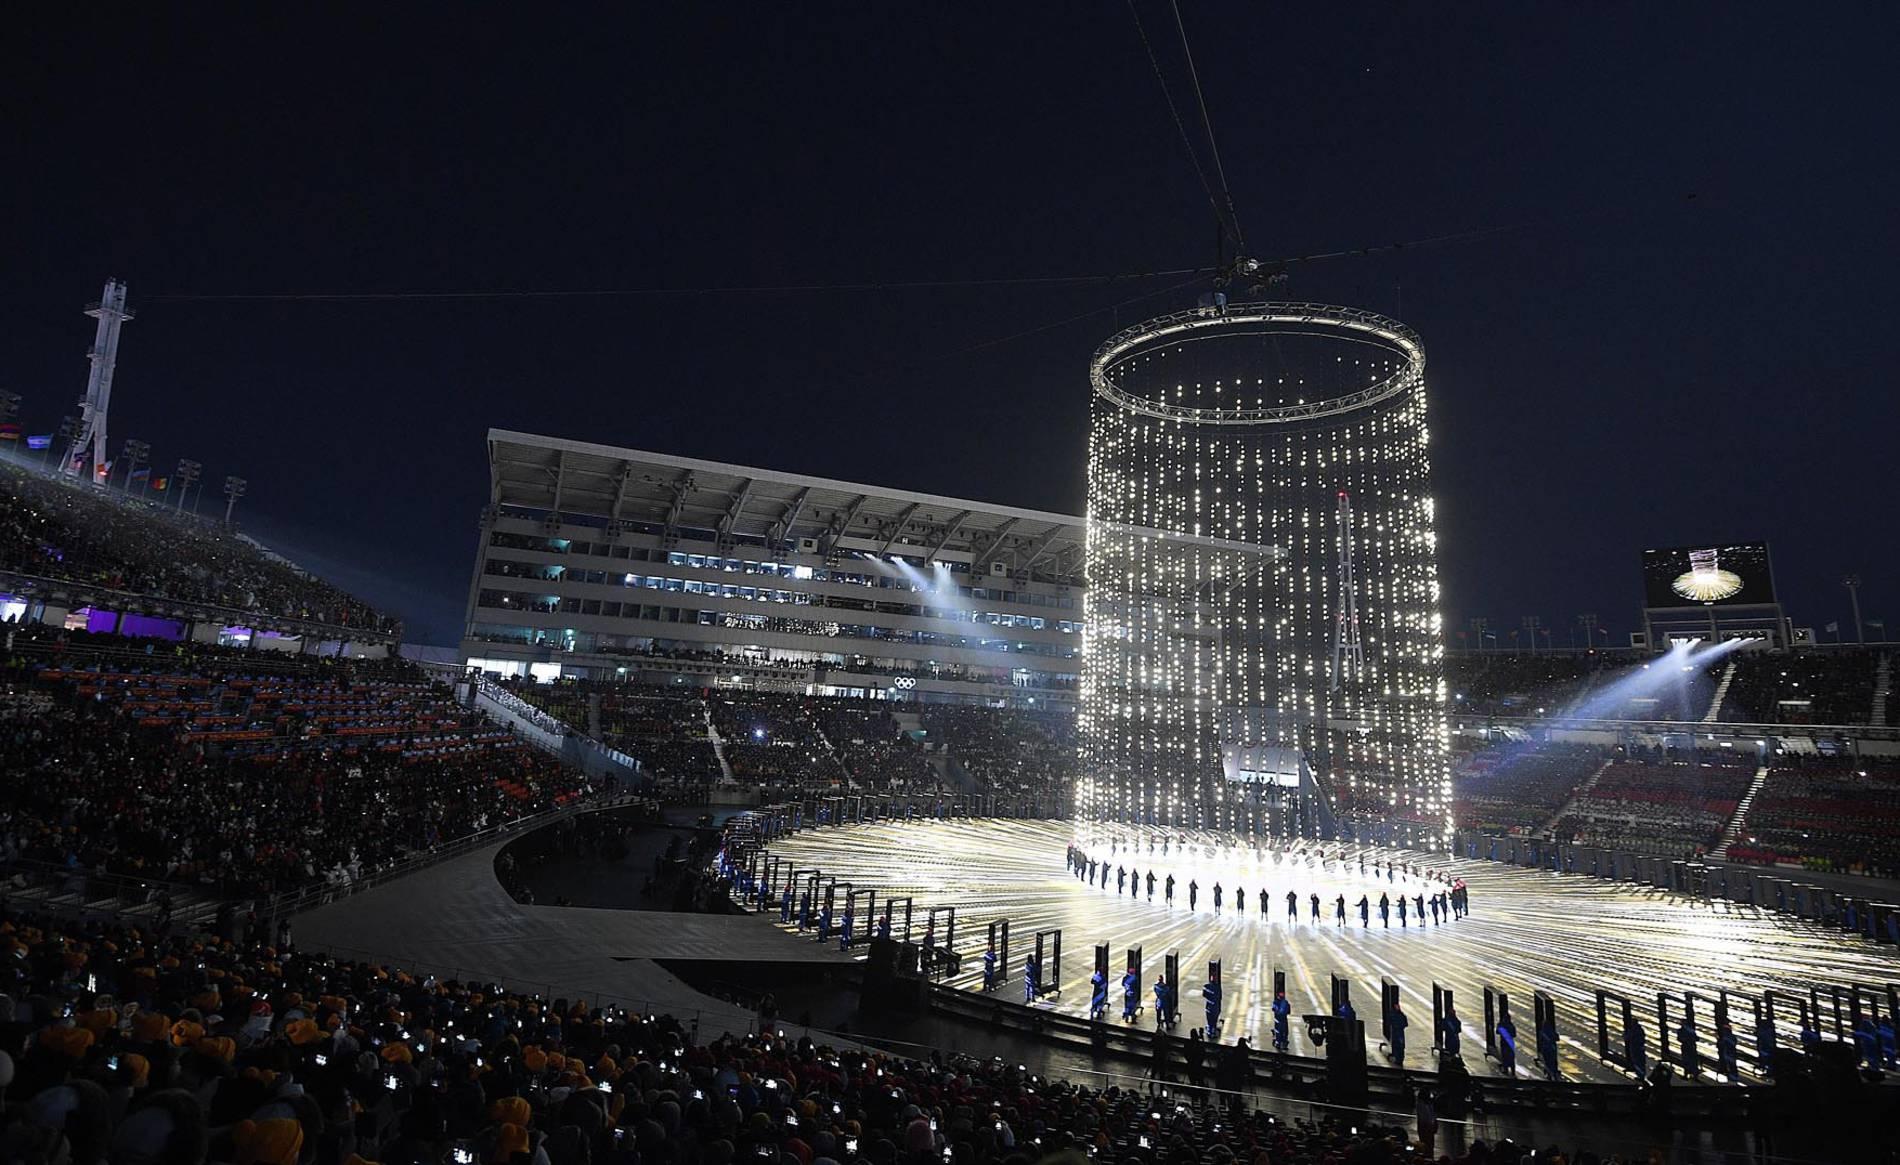 Ceremonia de Apertura de los Juegos Olímpicos de Invierno de Pyeongchang (1/45) - Imágenes de la Ceremonia de Apertura de los Juegos Olímpicos de Invierno de Pyeongchang - Deportes -